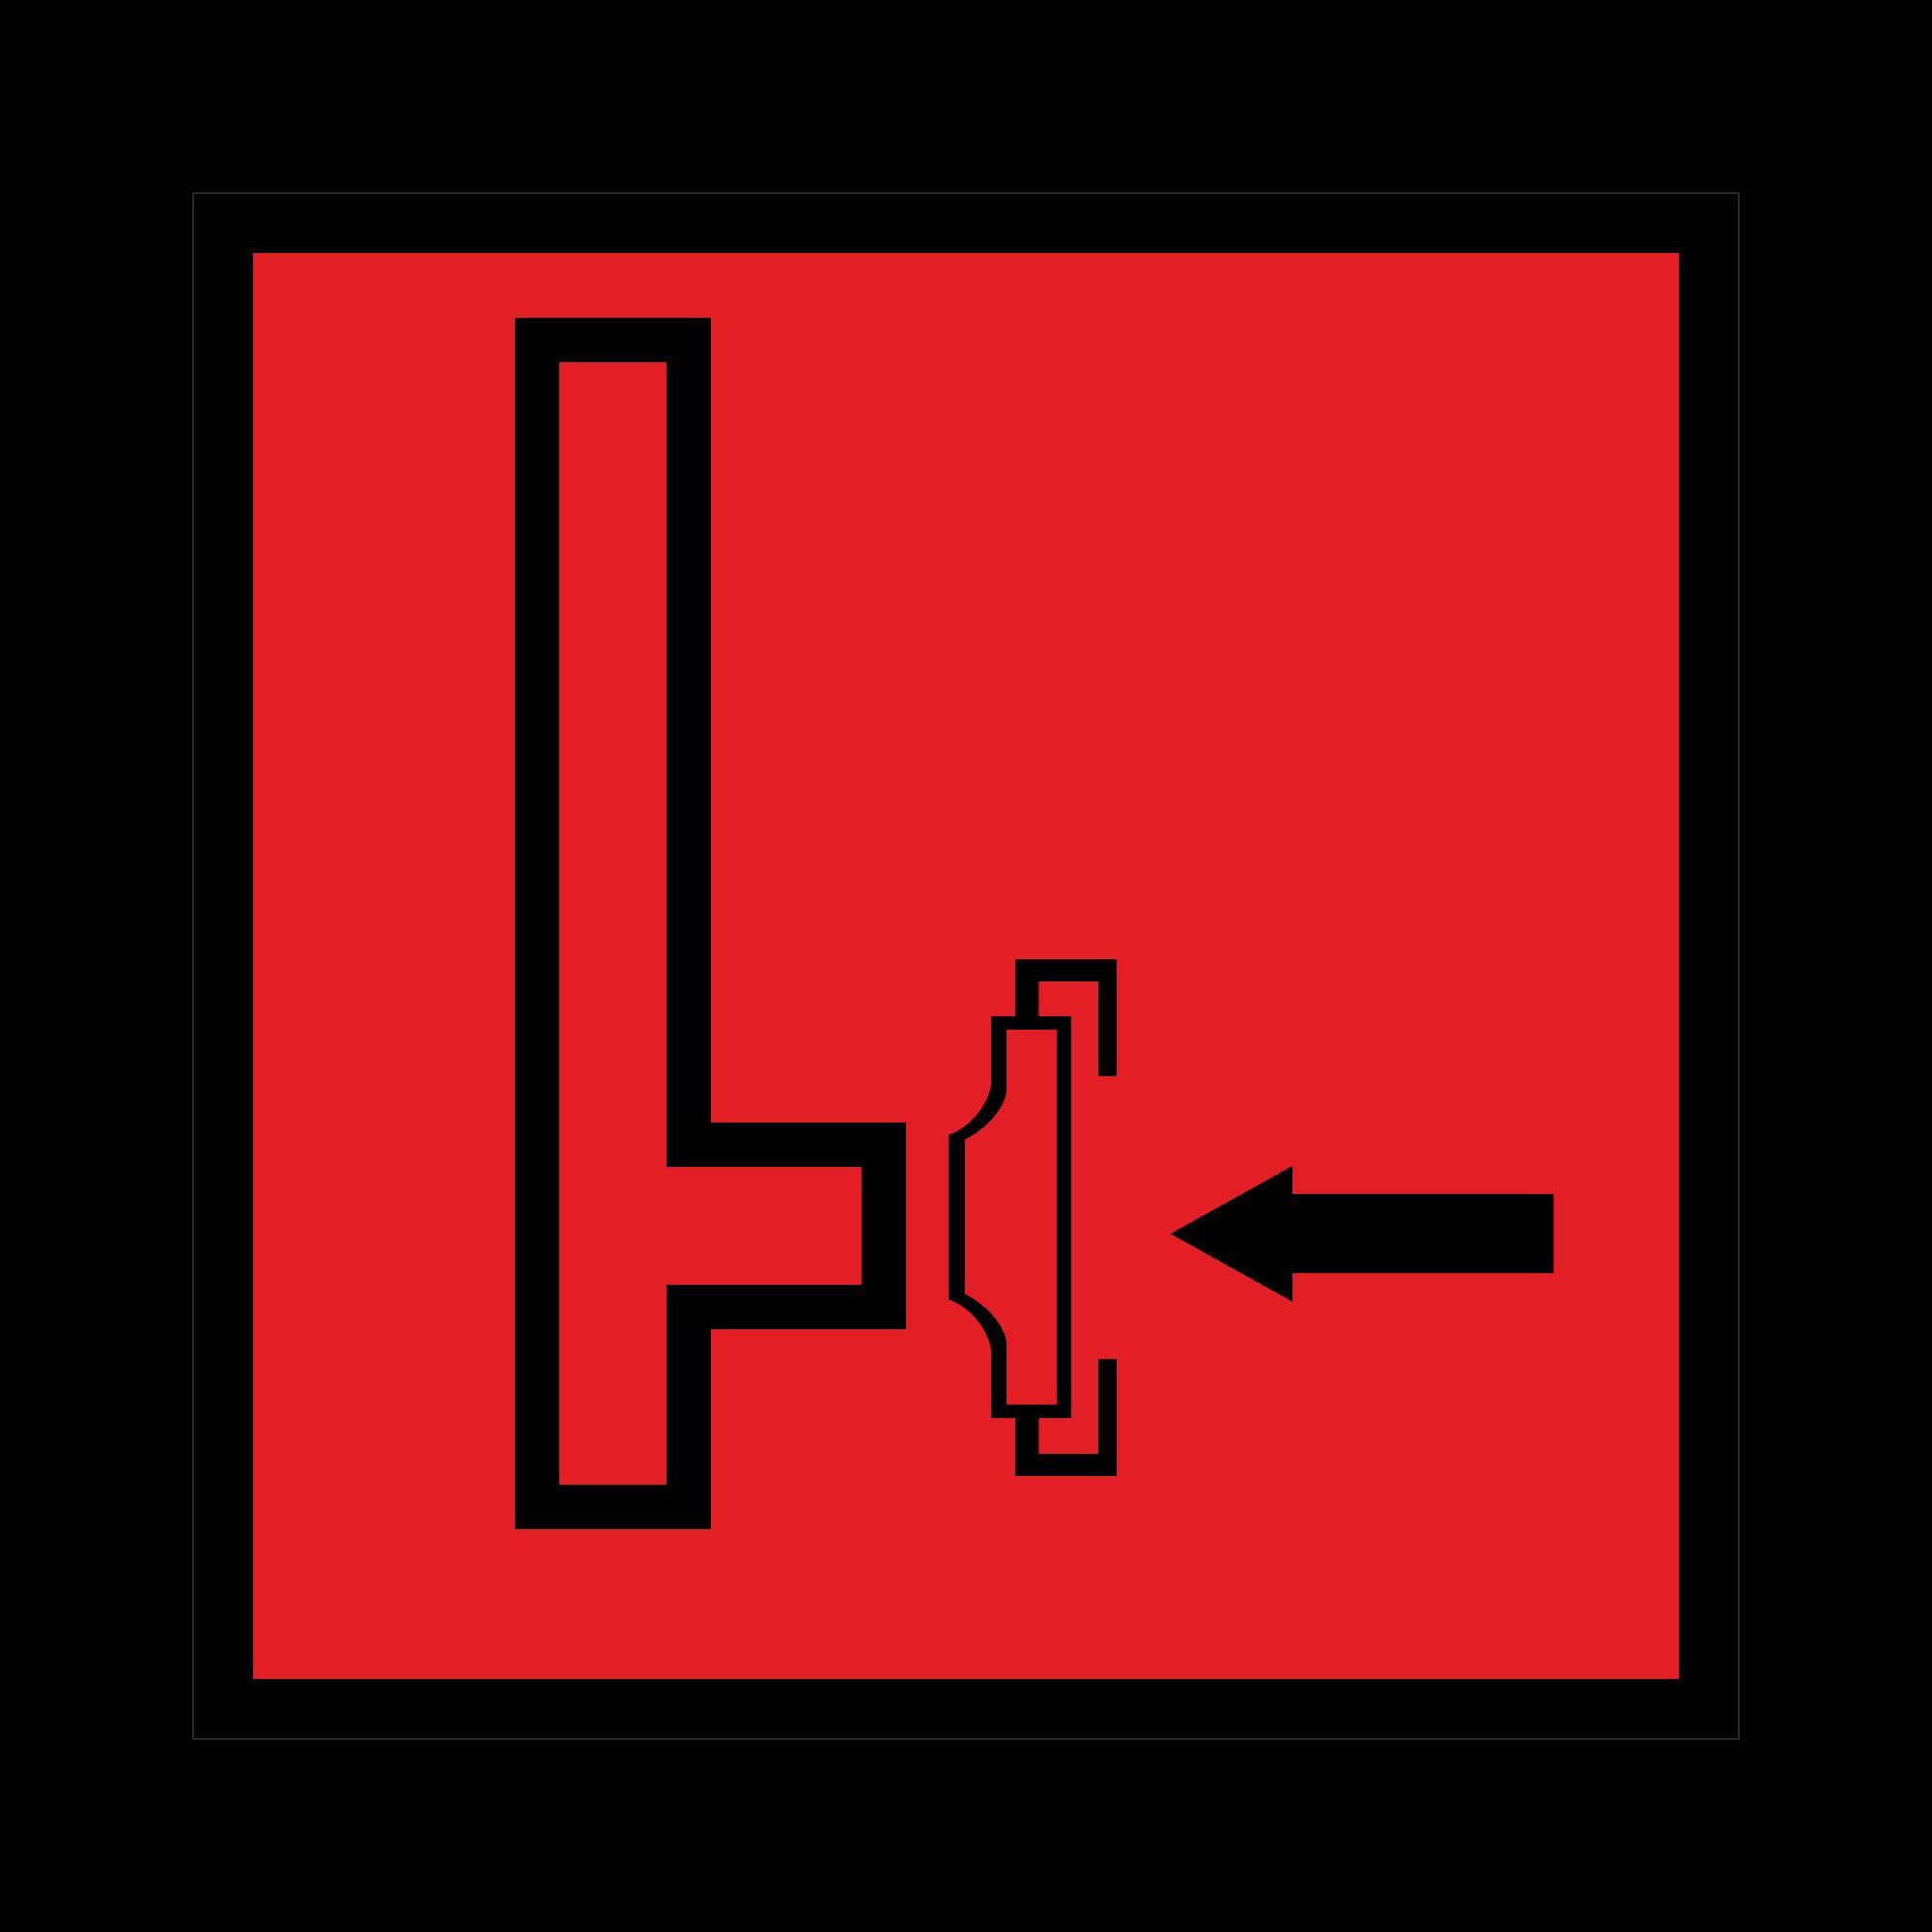 F08 Пожарный сухотрубный стояк